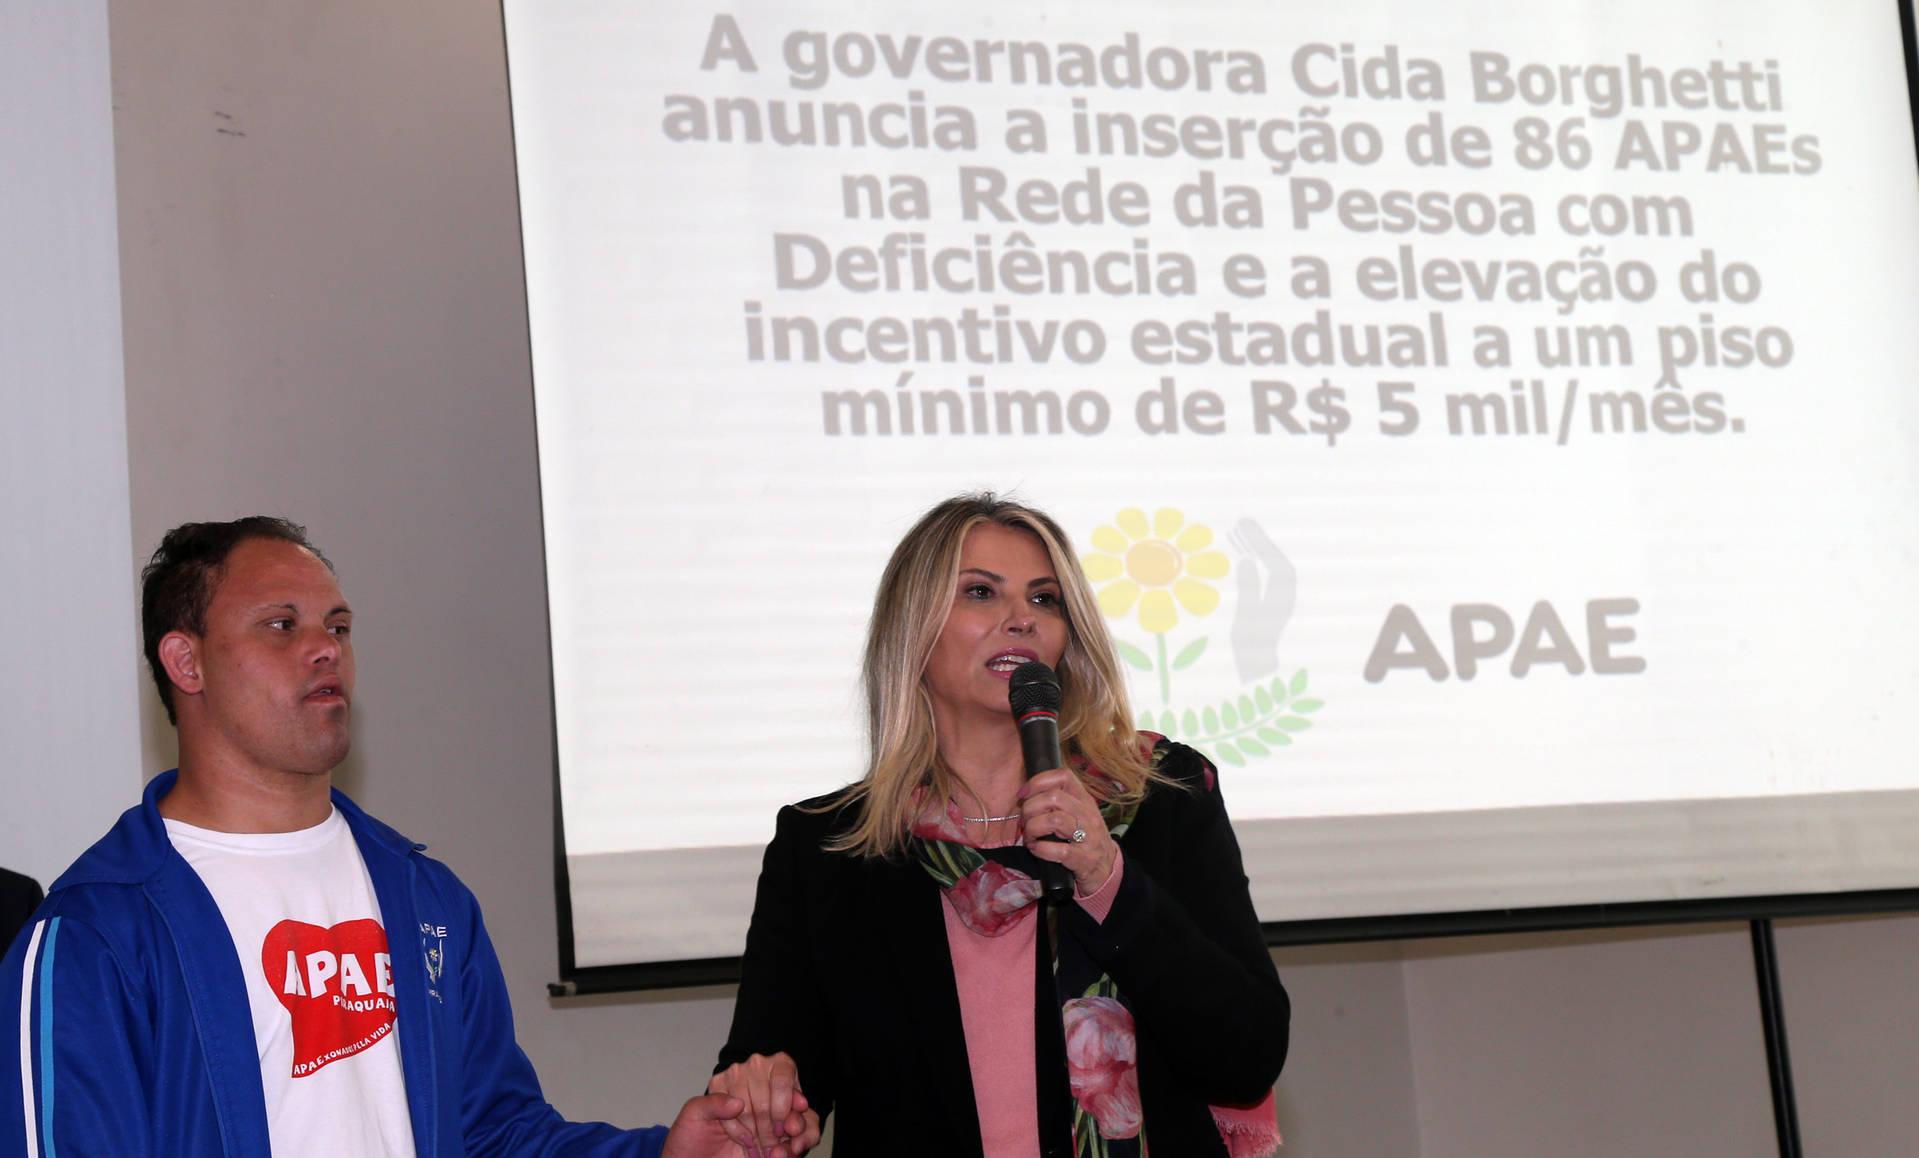 Cida anuncia repasse de R$ 65 milhões para Apaes do Paraná